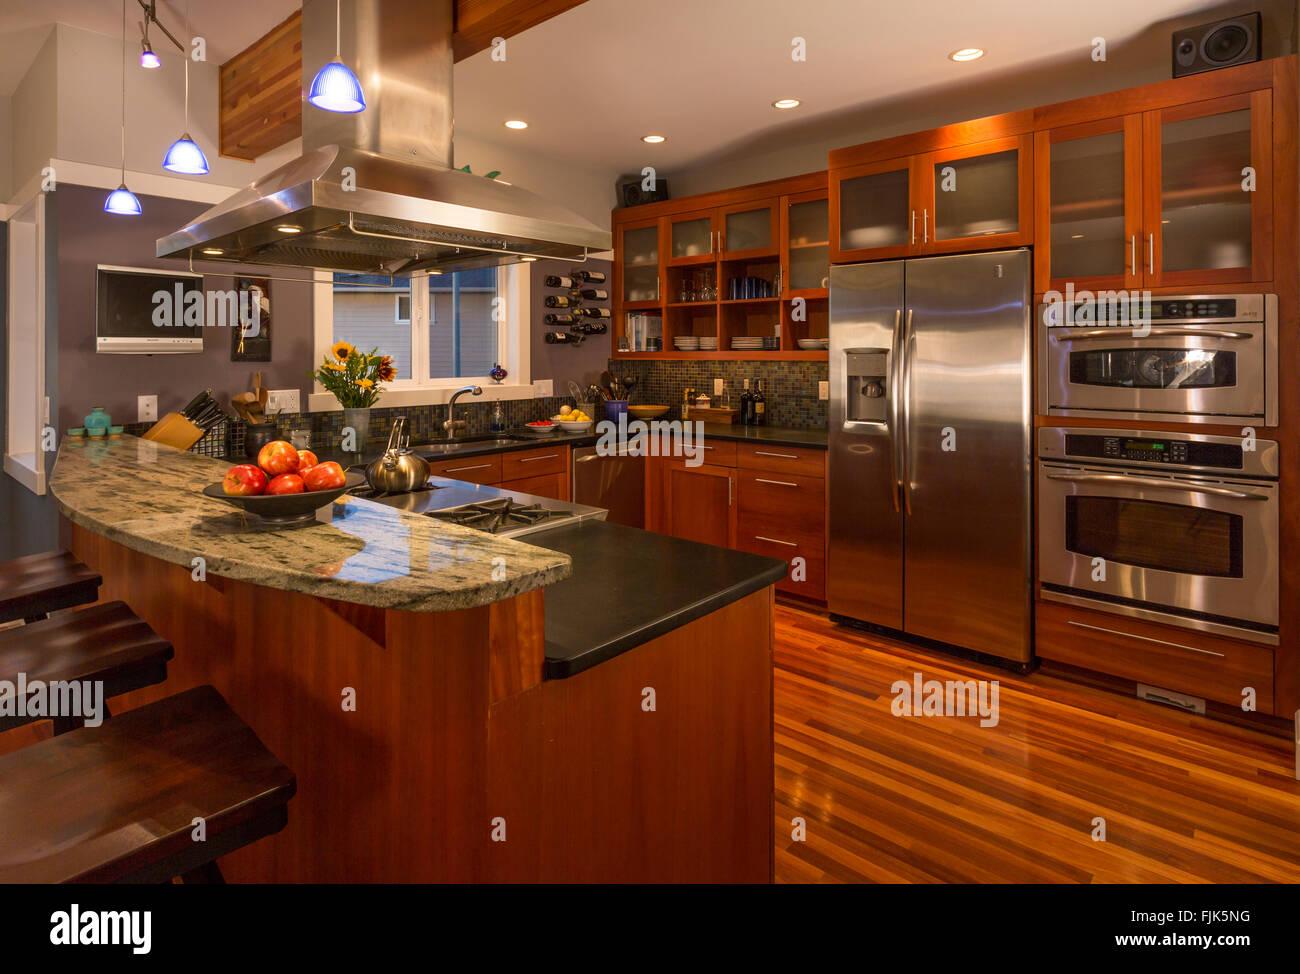 Zeitgenössische Gehobene Küche Zu Hause Innen Mit Holz Schränke U0026 Böden,  Granit Arbeitsplatten Stockbild